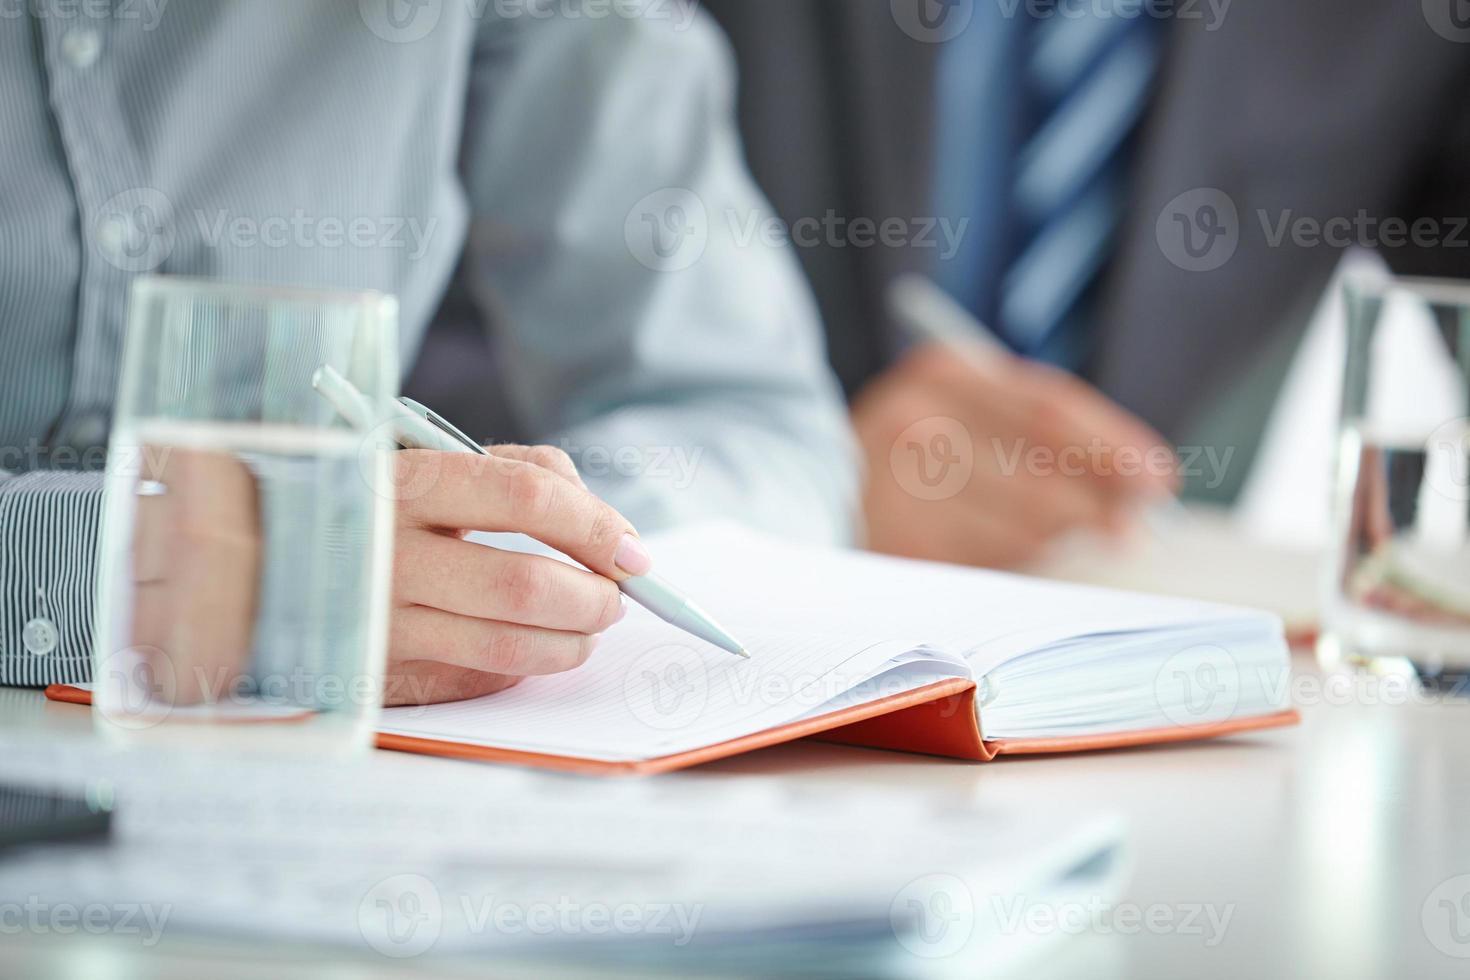 Notizen zur Vorlesung foto